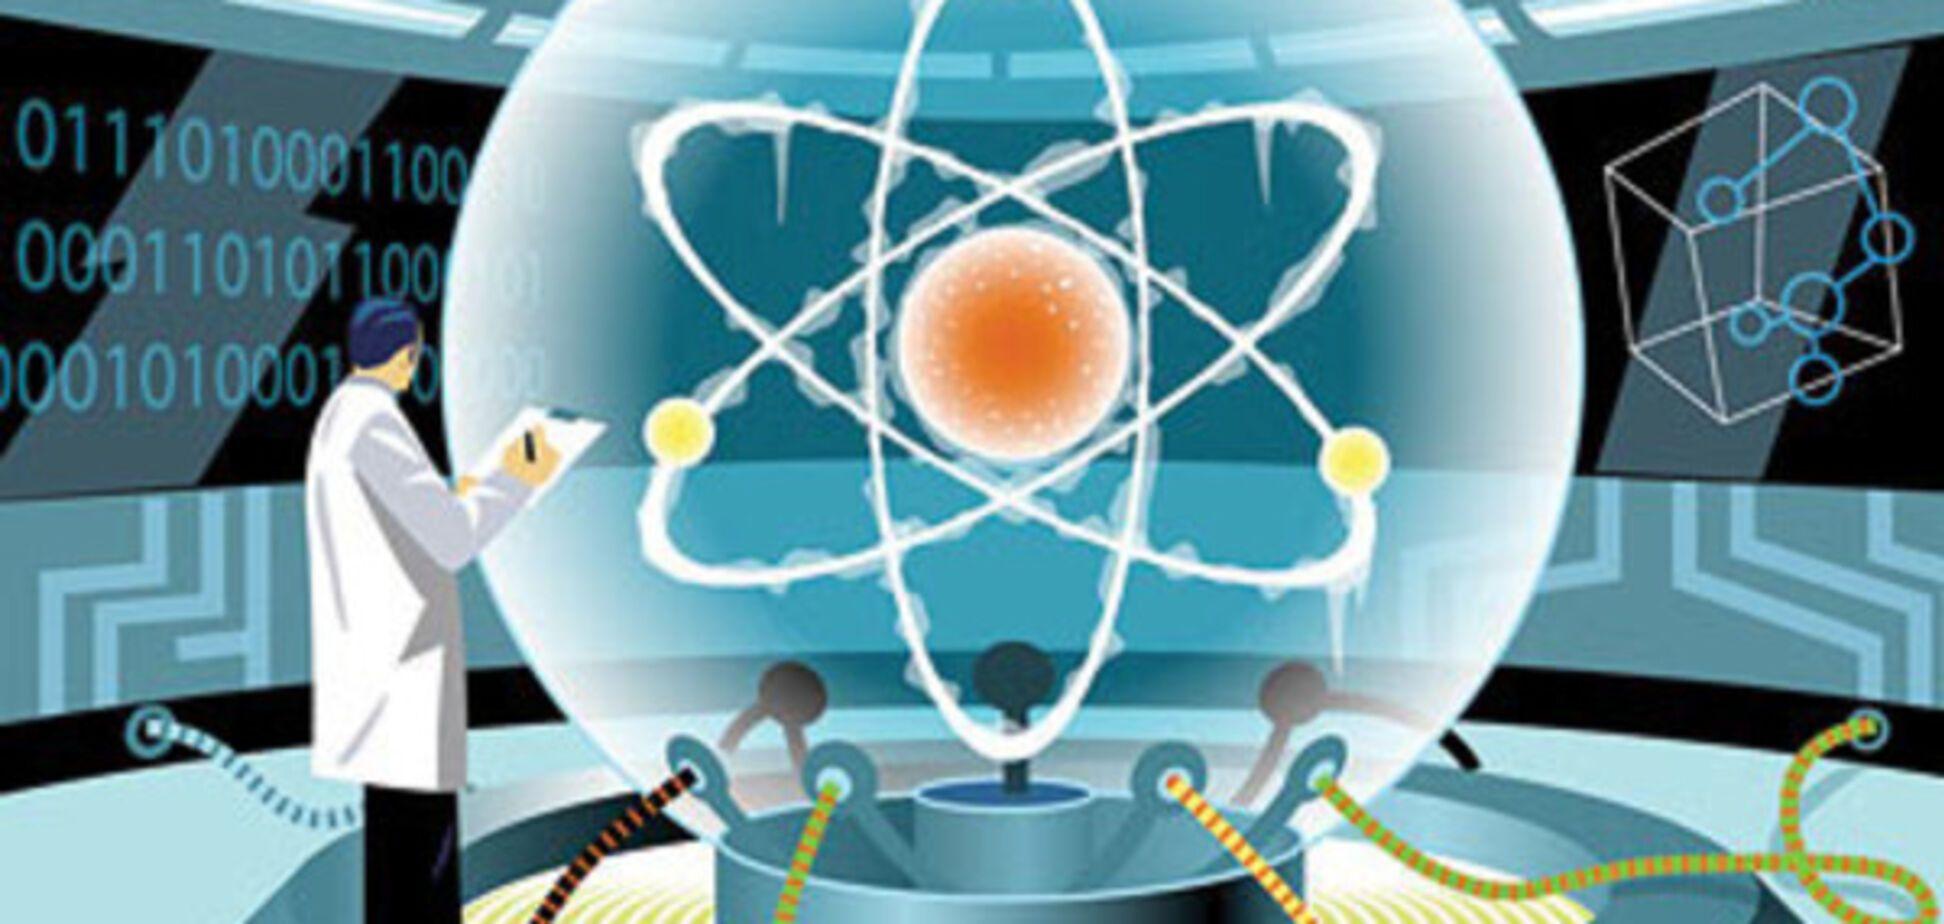 Японские ученые представили квантовый компьютер с \'квантовой телепортацией\'